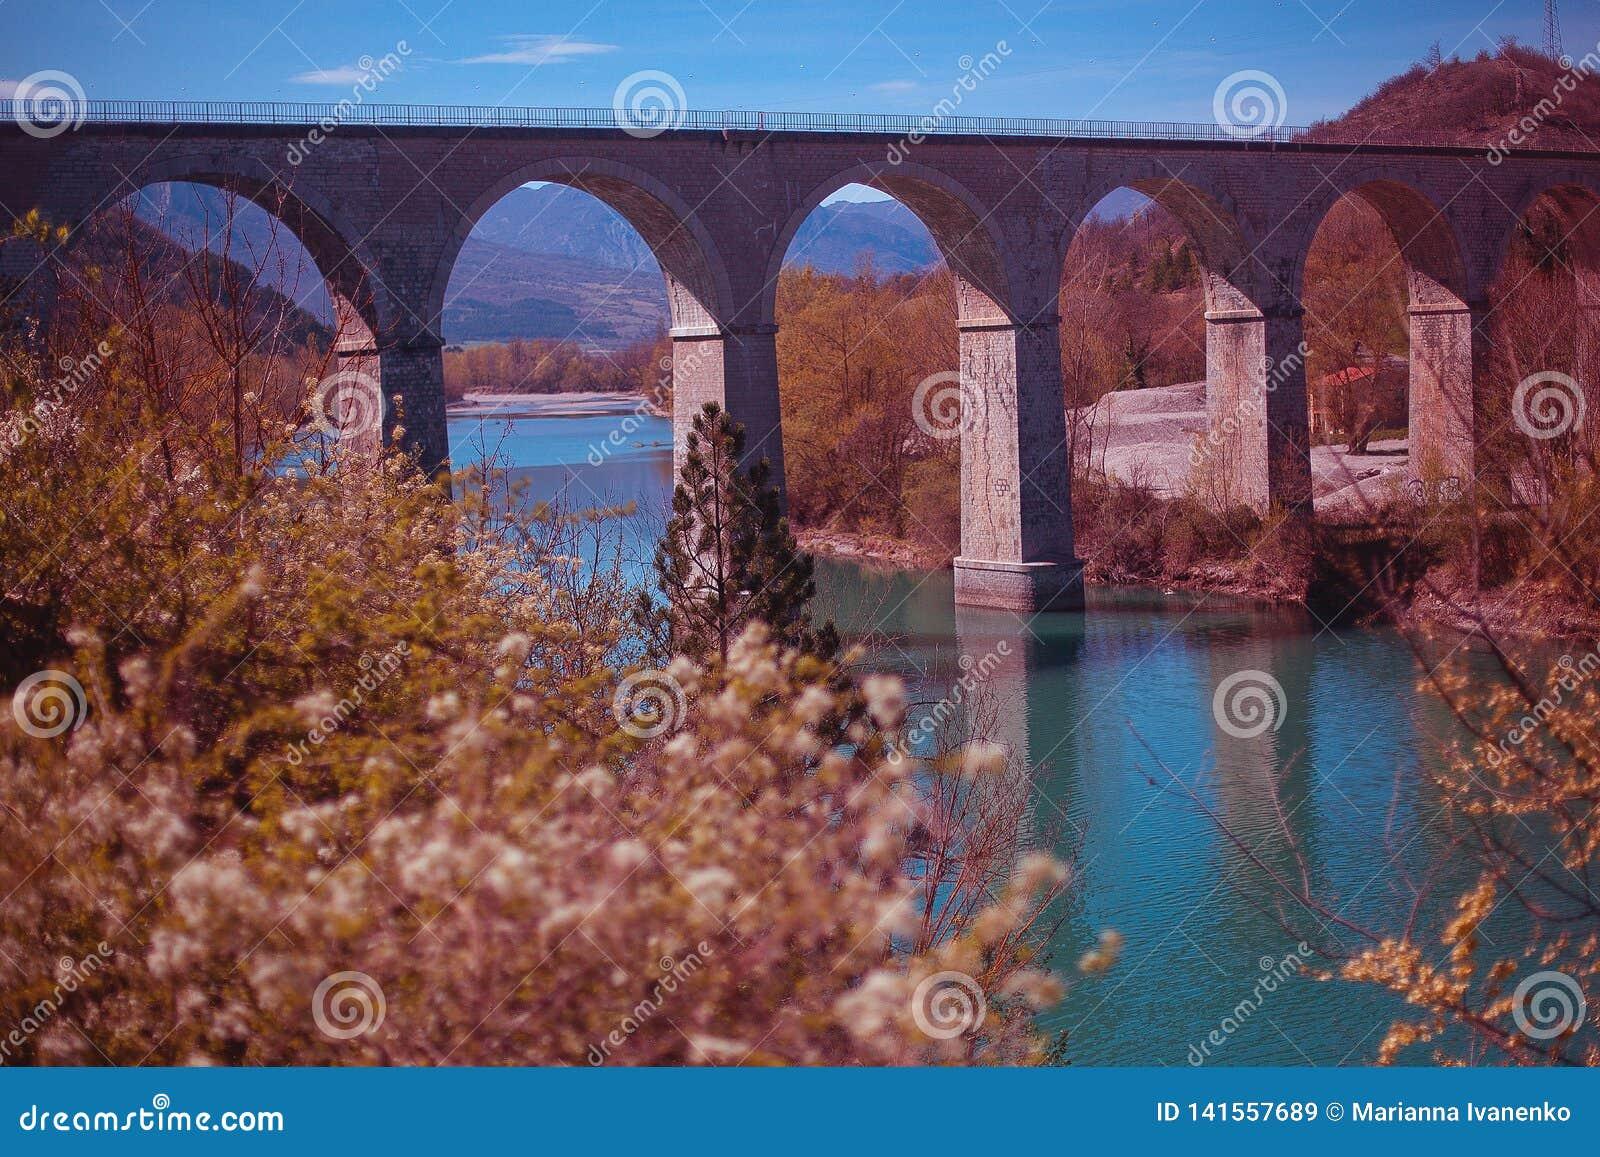 Puente arqueado francés en un río con los árboles de florecimiento en primero plano